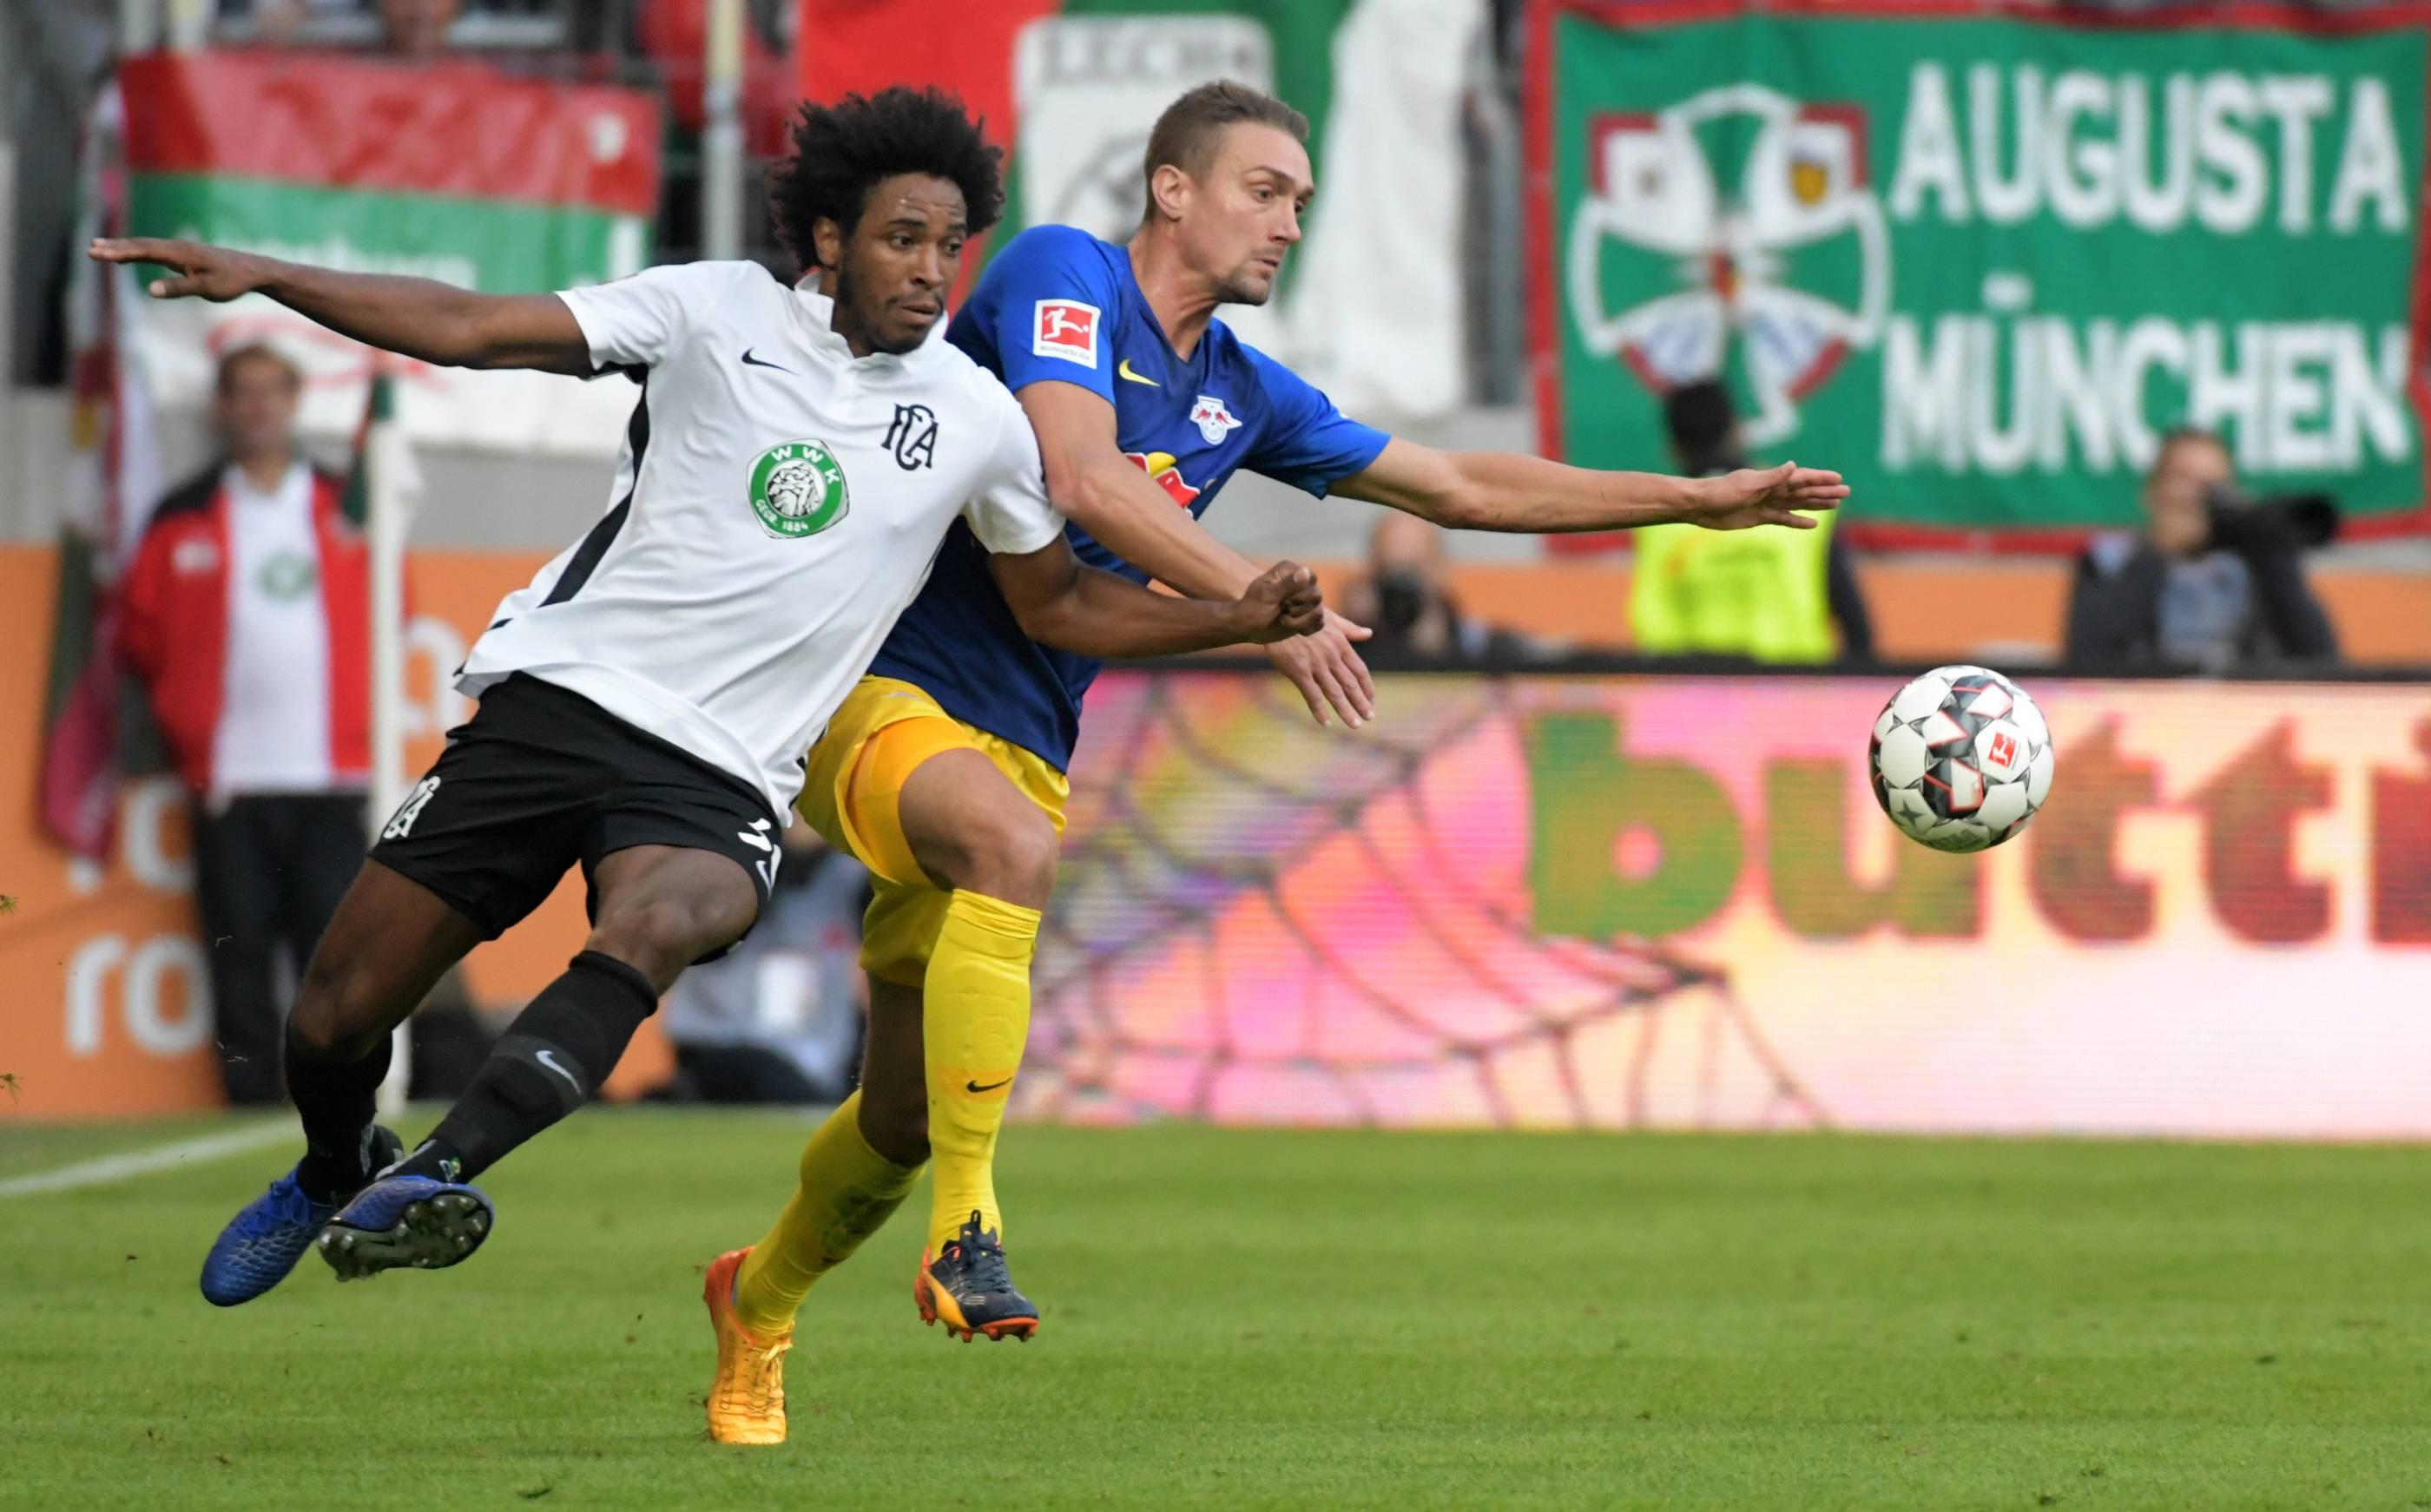 Augsburg Gegen Leipzig